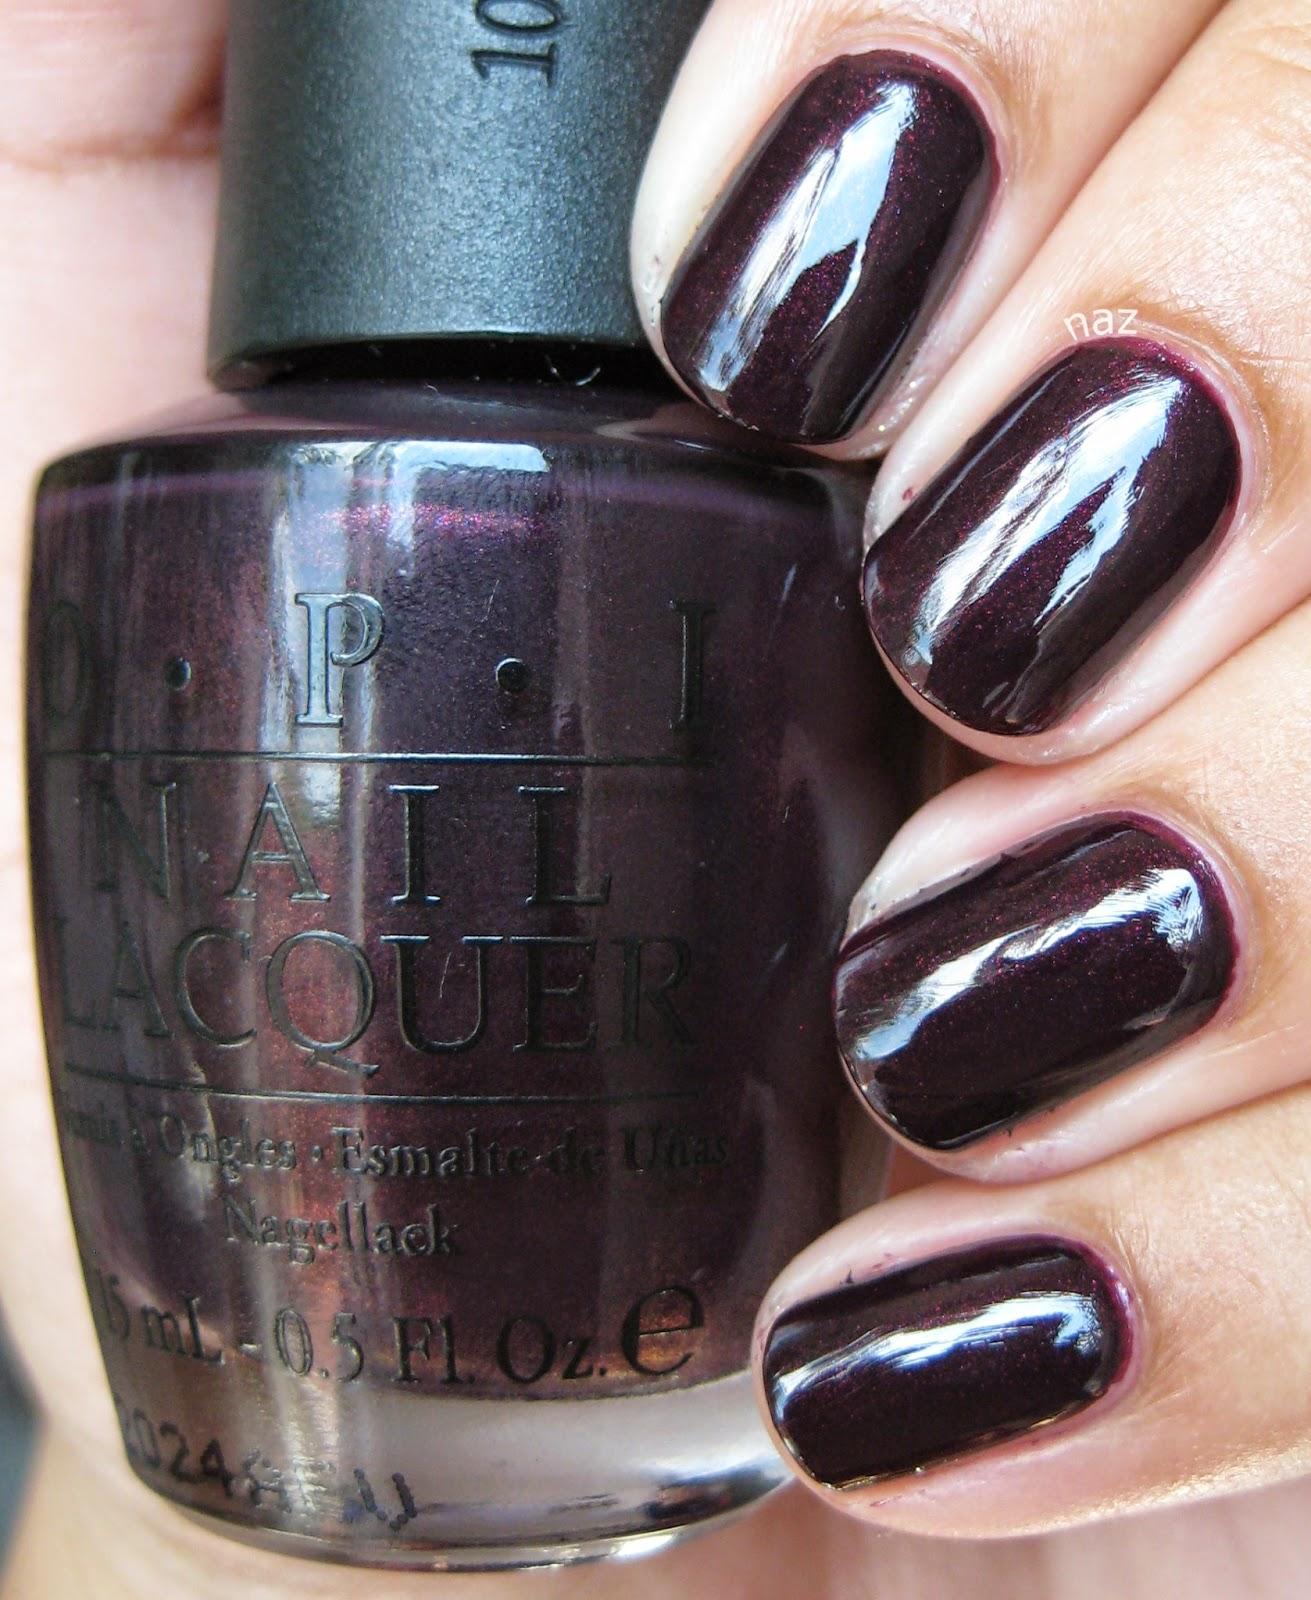 Naz\'s Nails: OPI Black Cherry Chutney